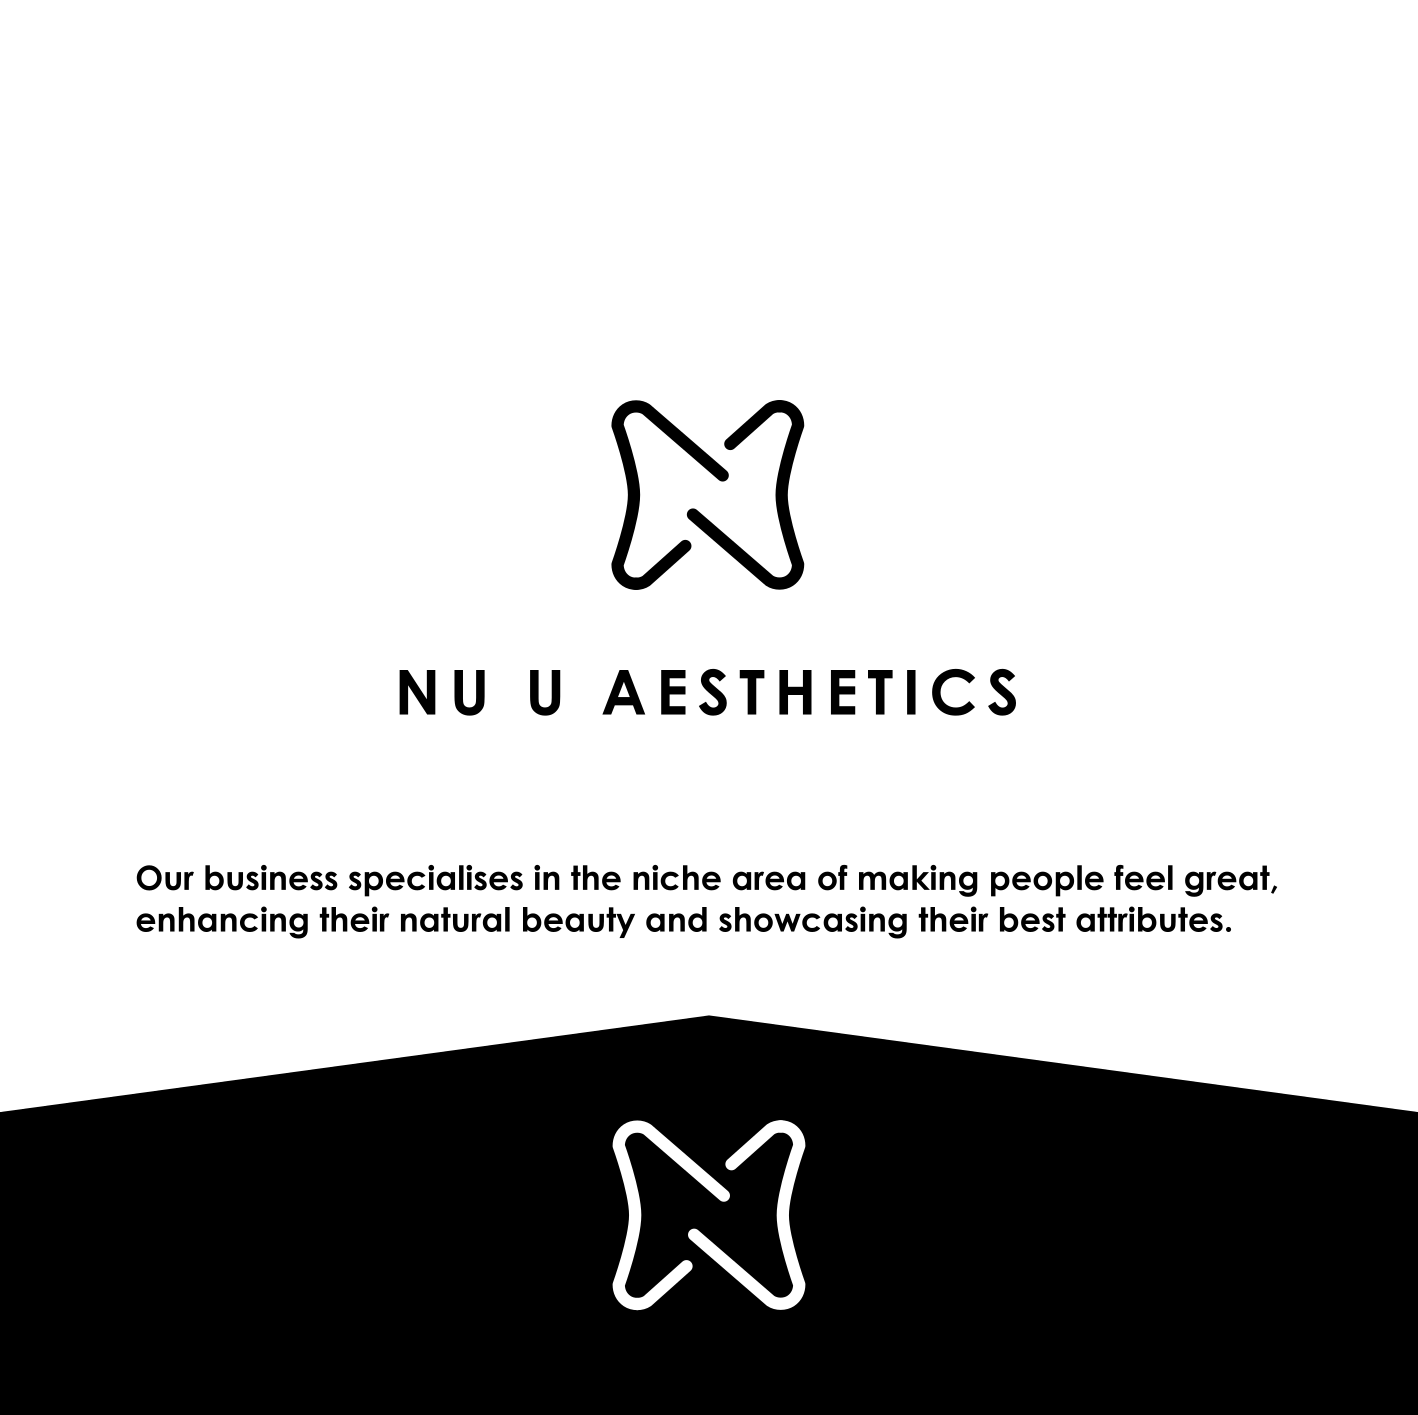 Conservative, Upmarket, Cosmetic Logo Design for Nu U